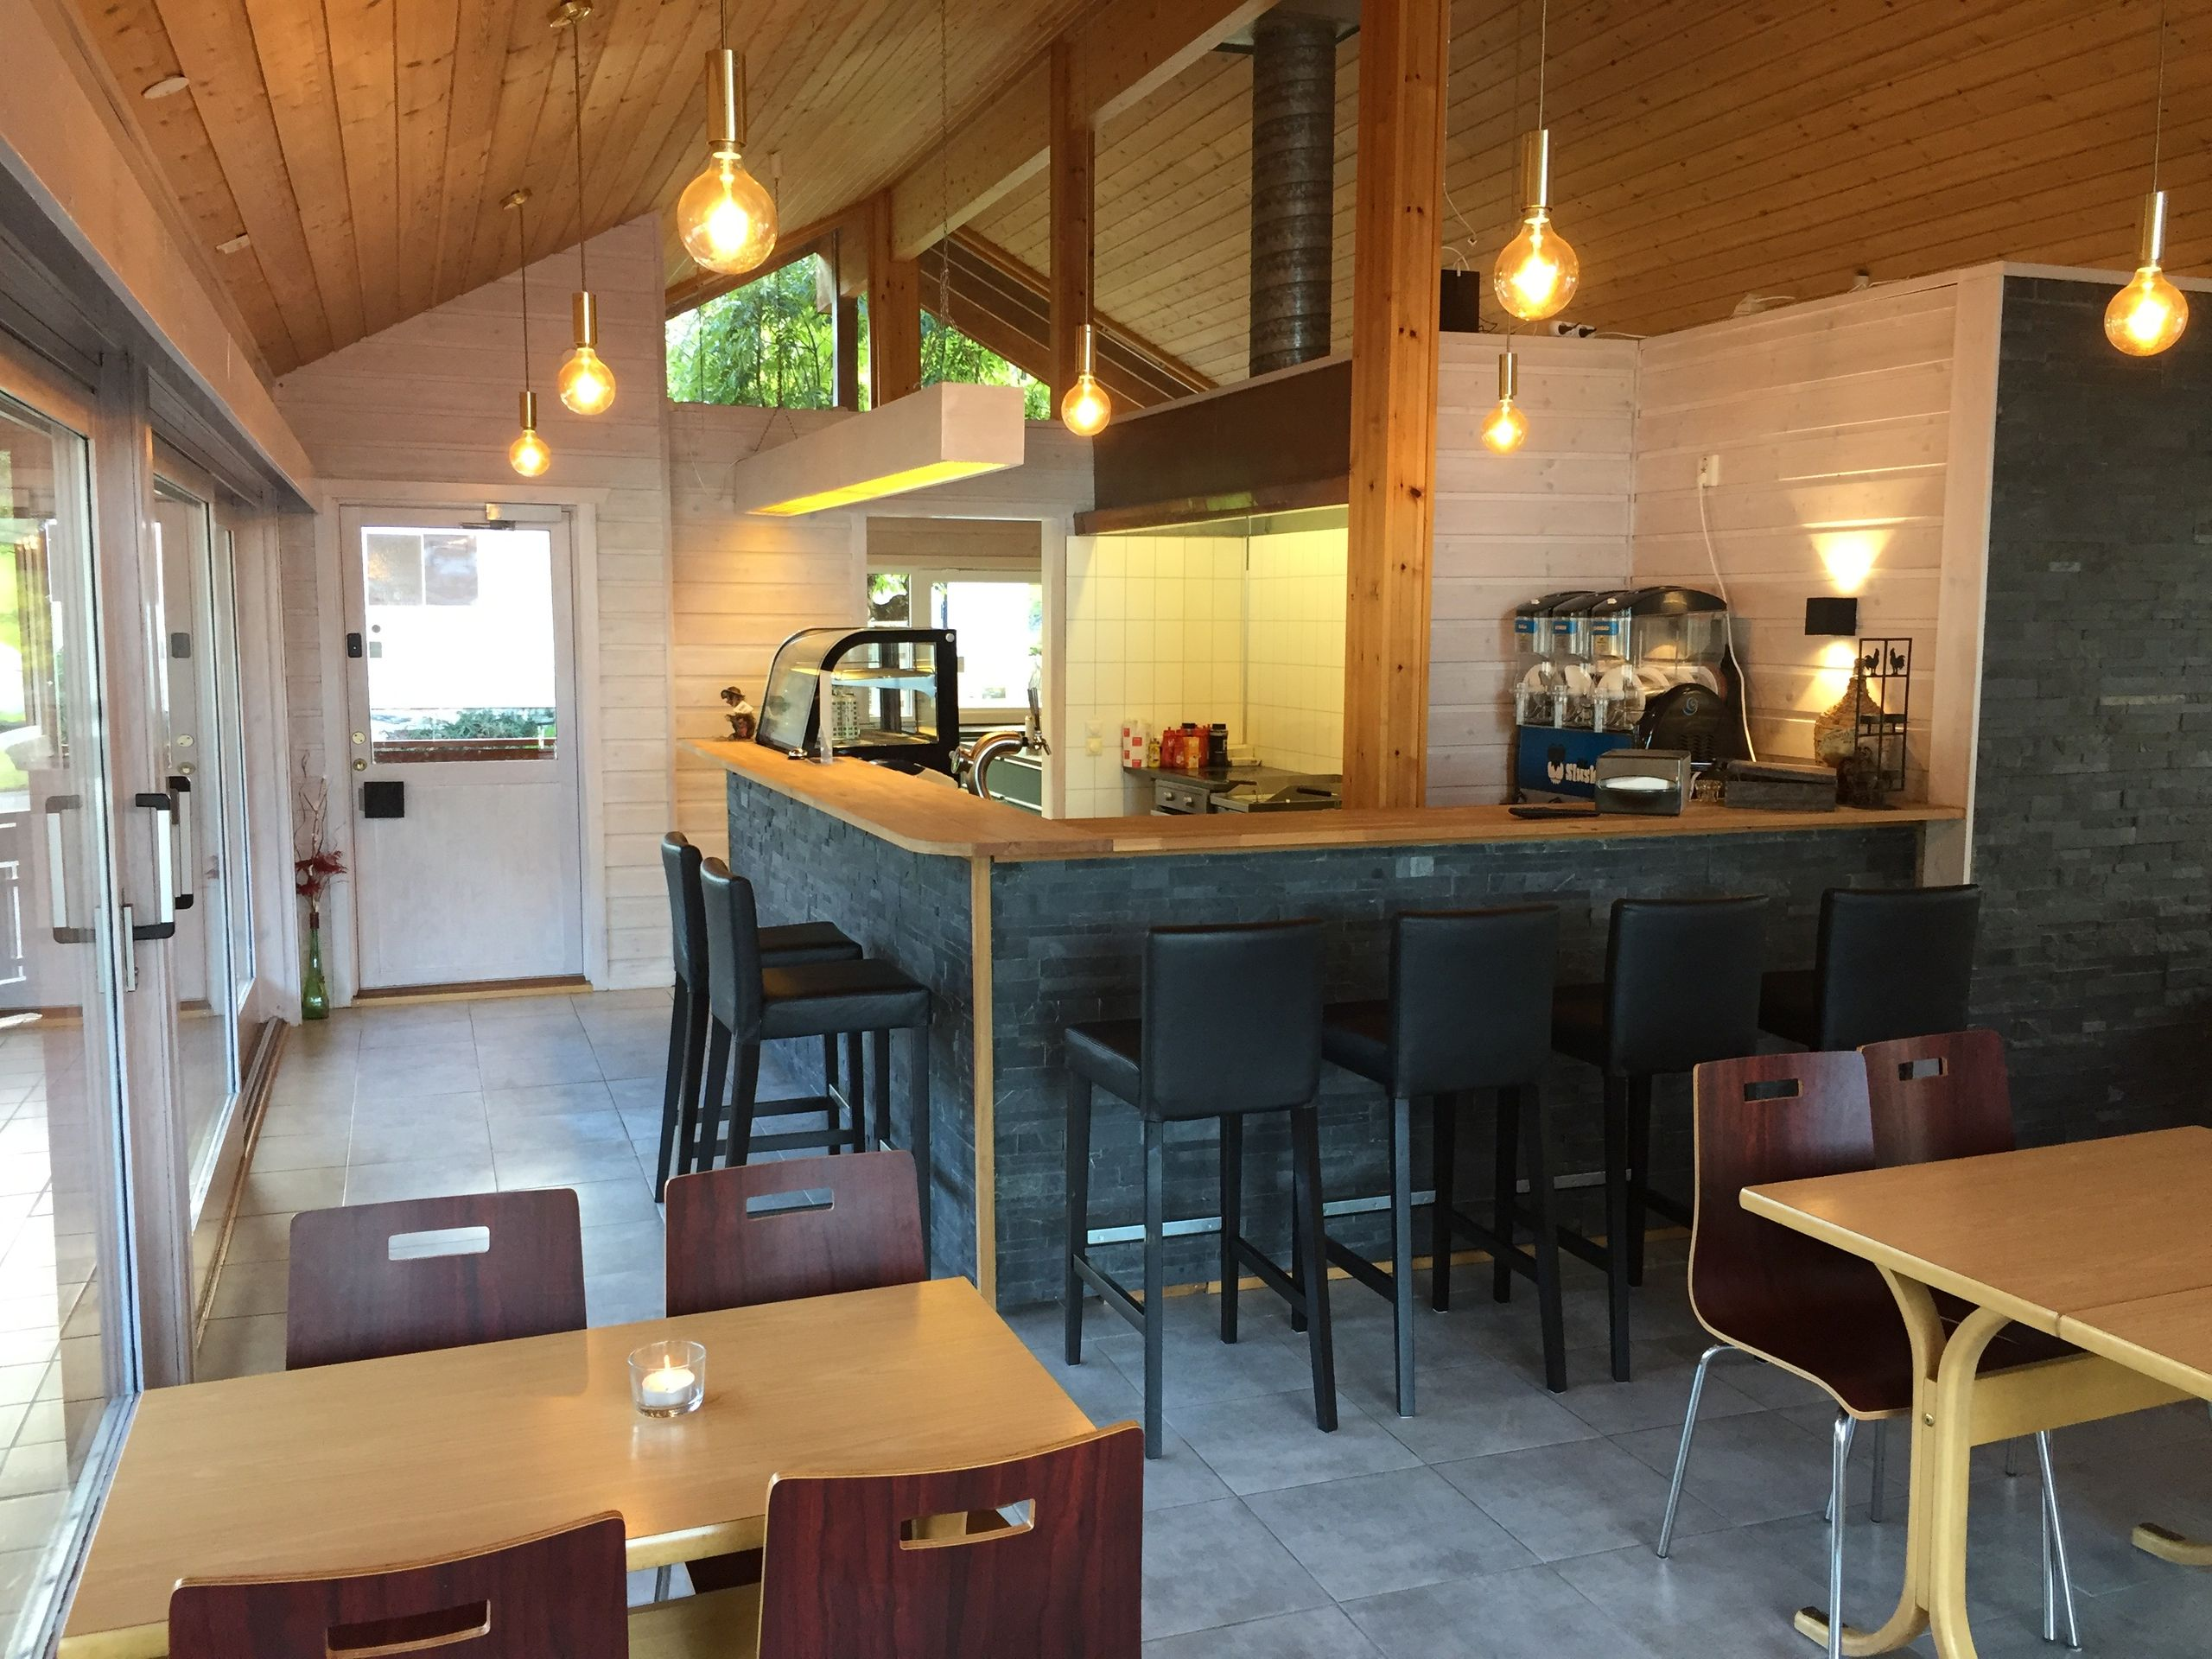 Kafe und Laden | Kyrping Camping